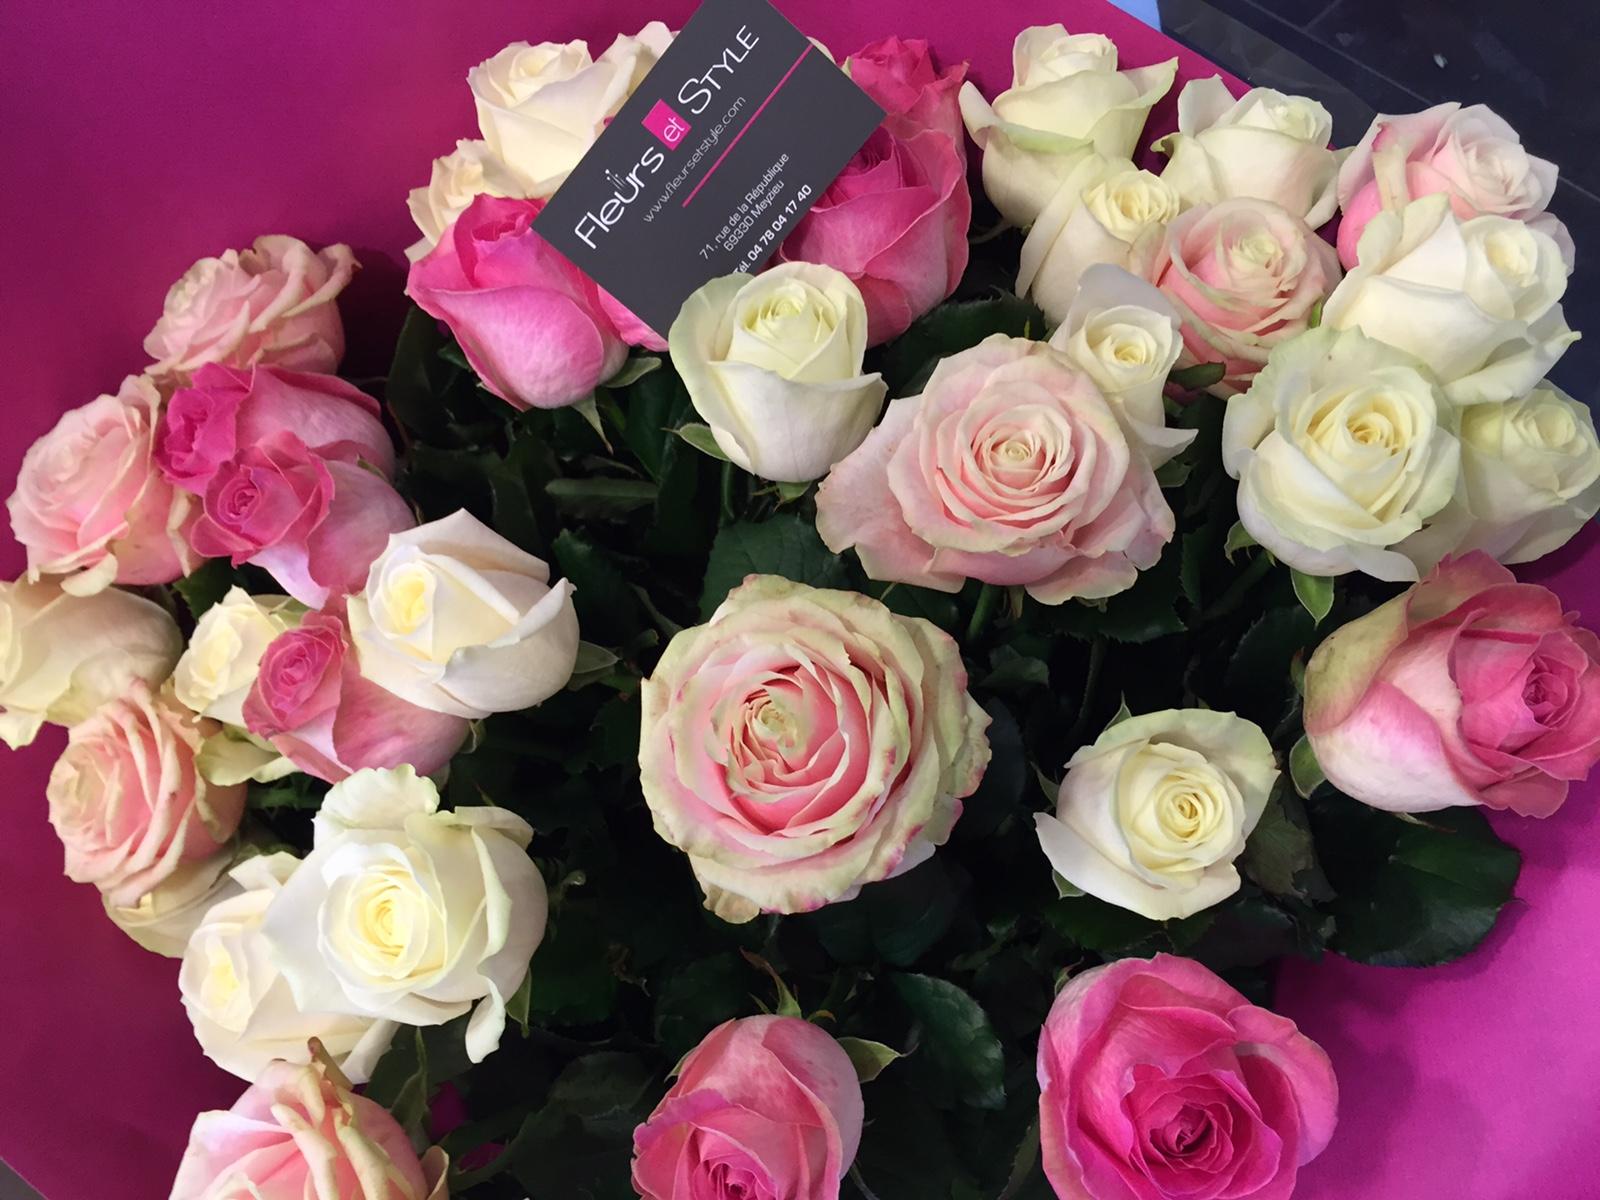 livraison bouquet a domicile l 39 atelier des fleurs. Black Bedroom Furniture Sets. Home Design Ideas